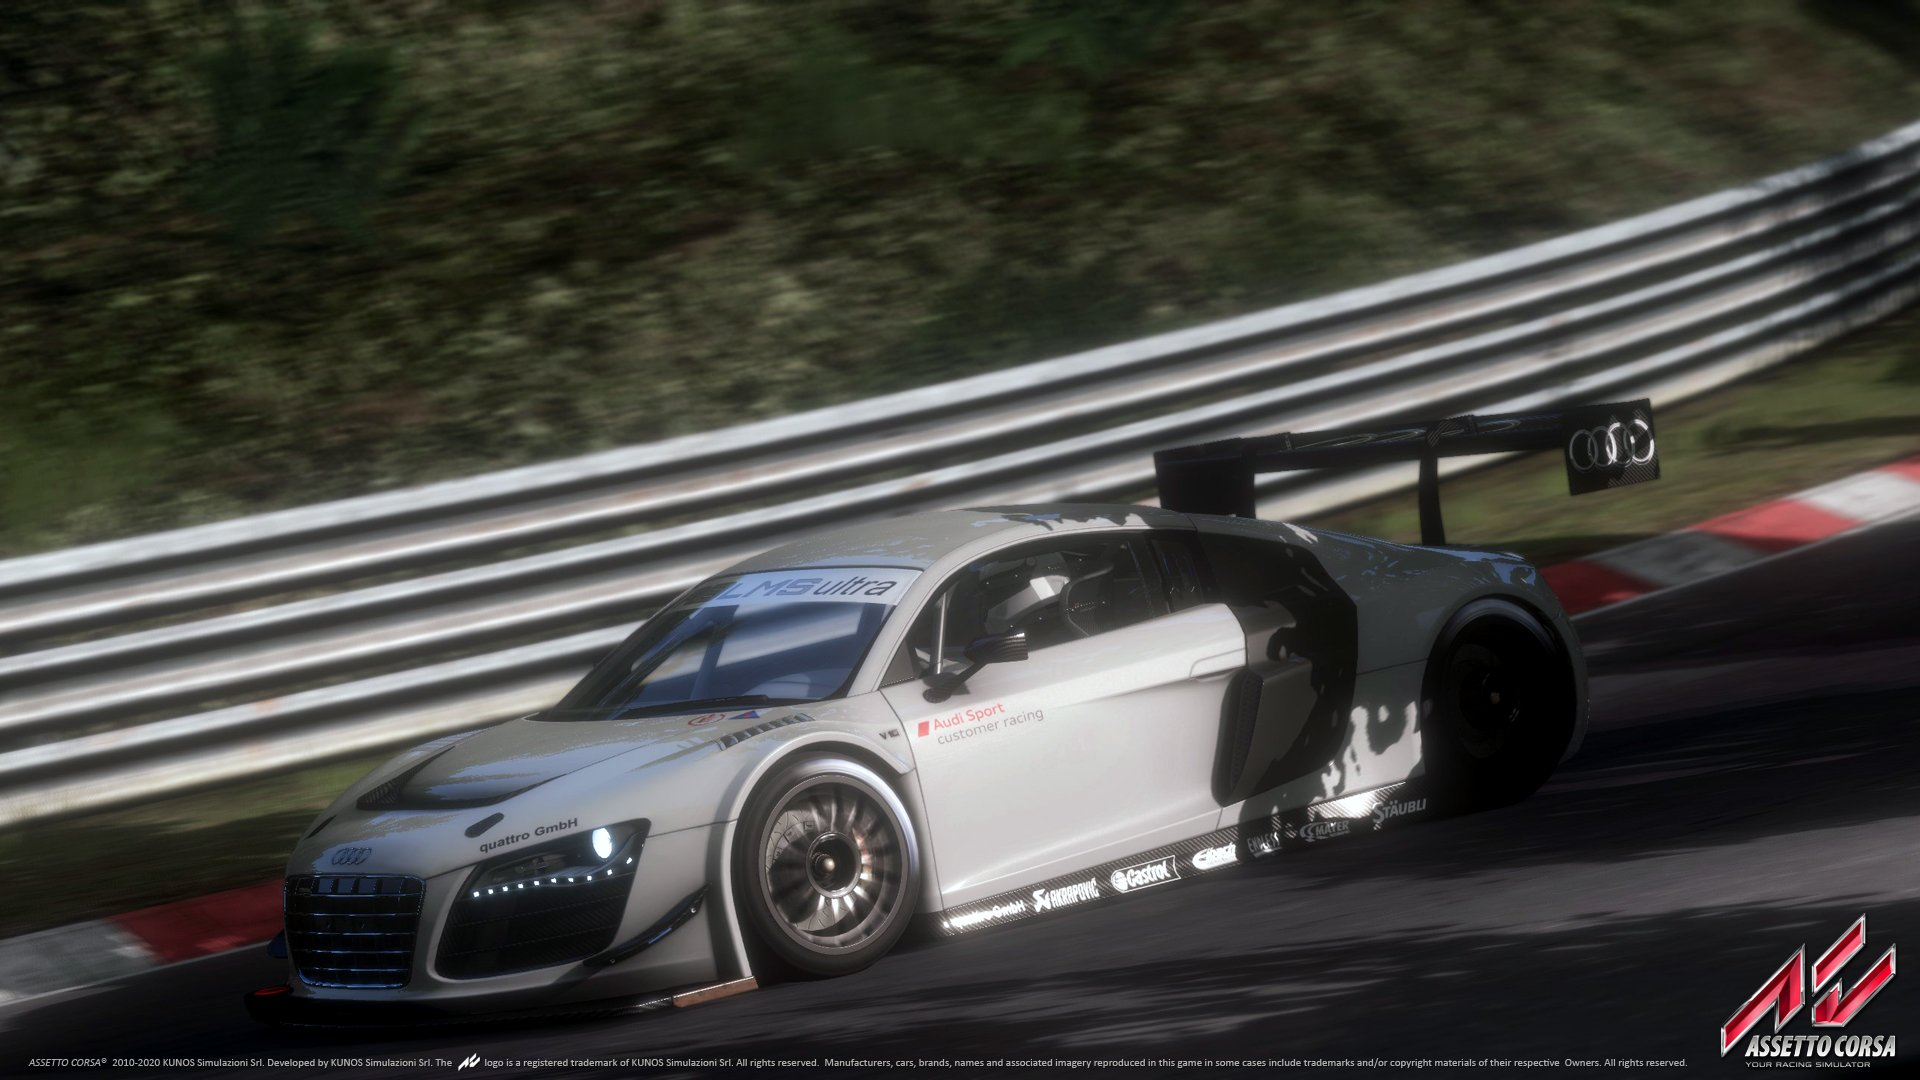 Assetto Corsa Tambin Se Estrenar En Xbox One Y PS4 En 2016